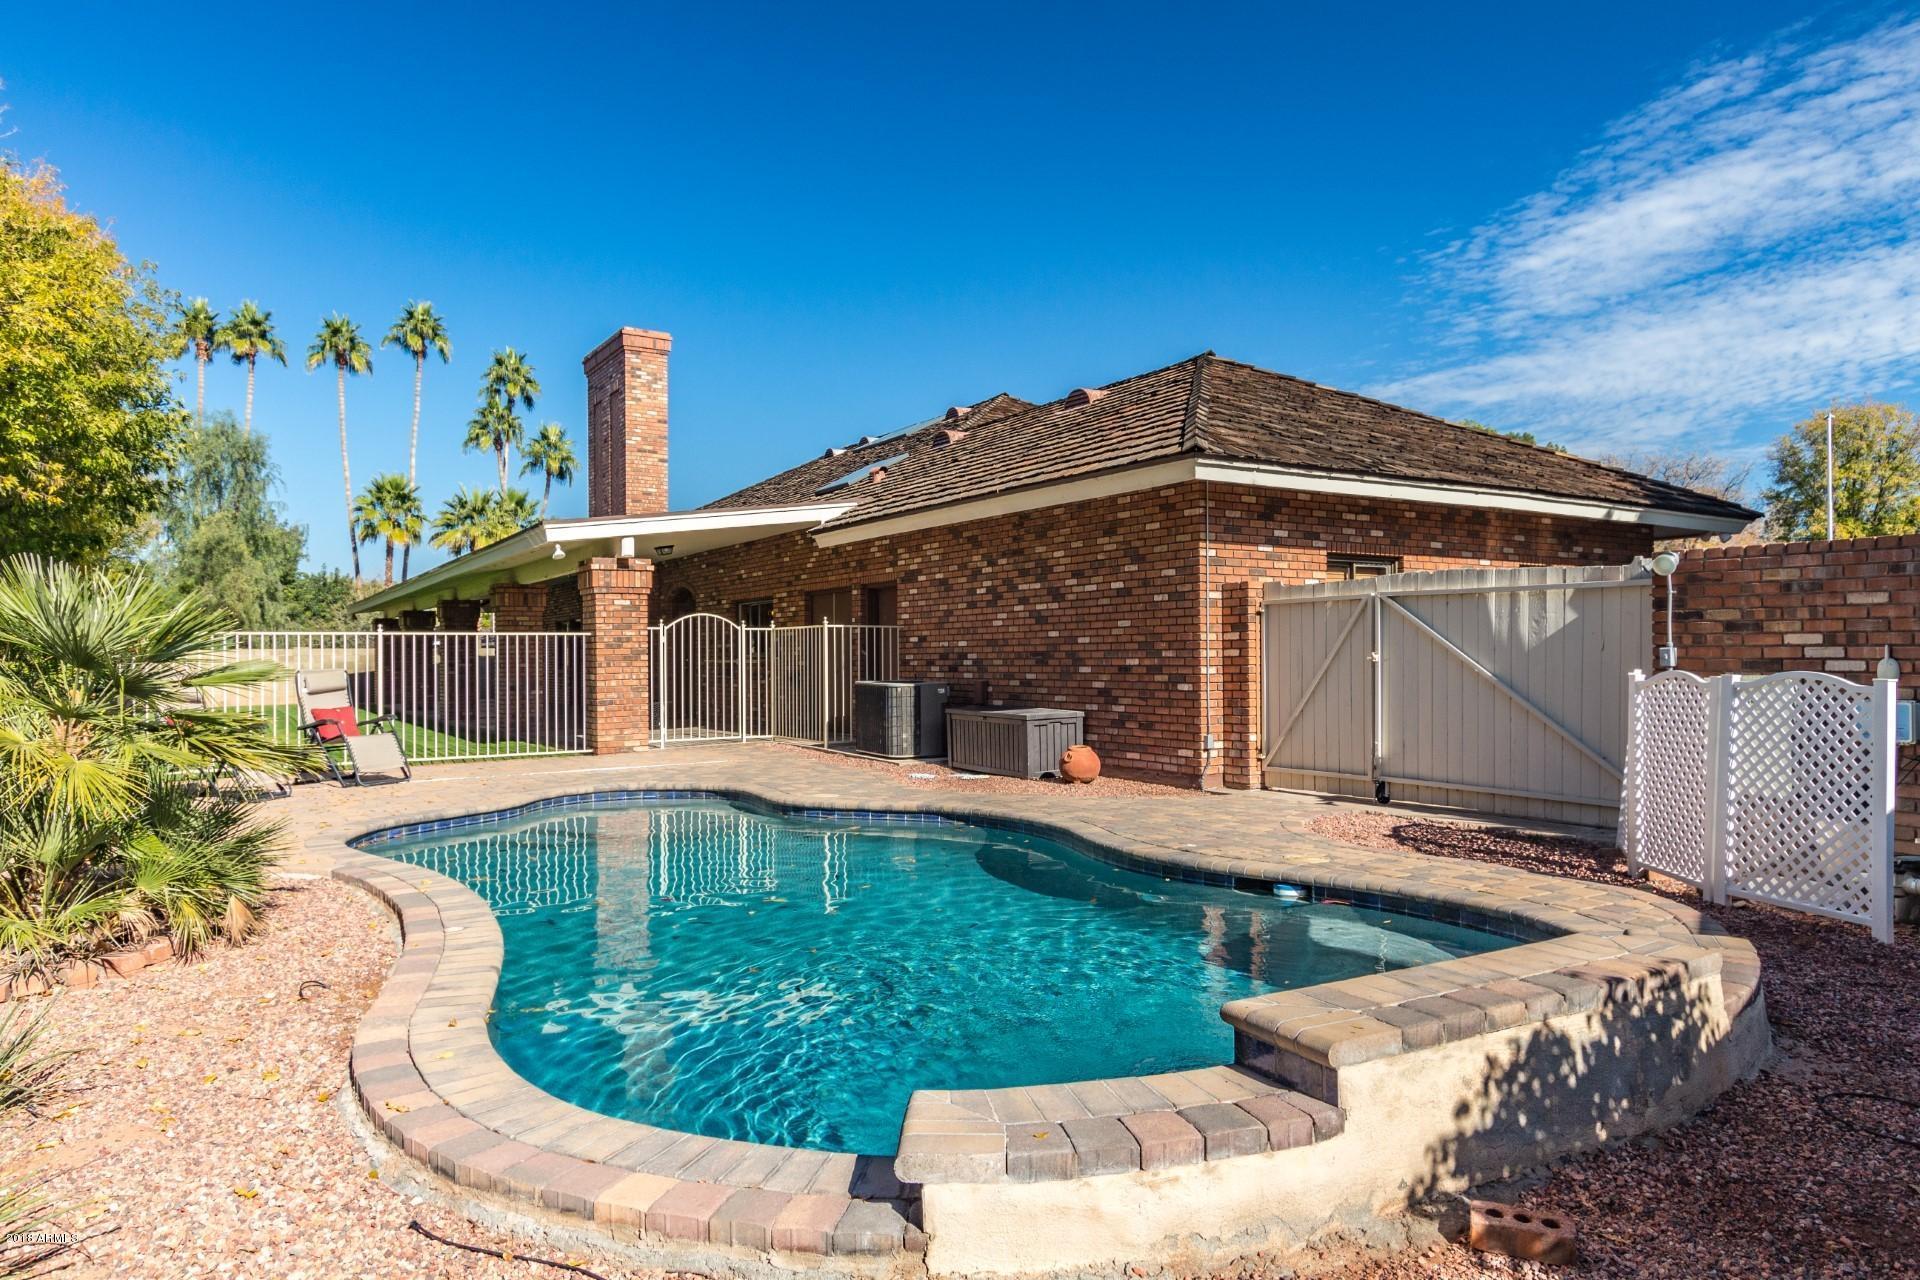 MLS 5857316 922 N WILLIAMS --, Mesa, AZ 85203 Mesa AZ Northwest Mesa